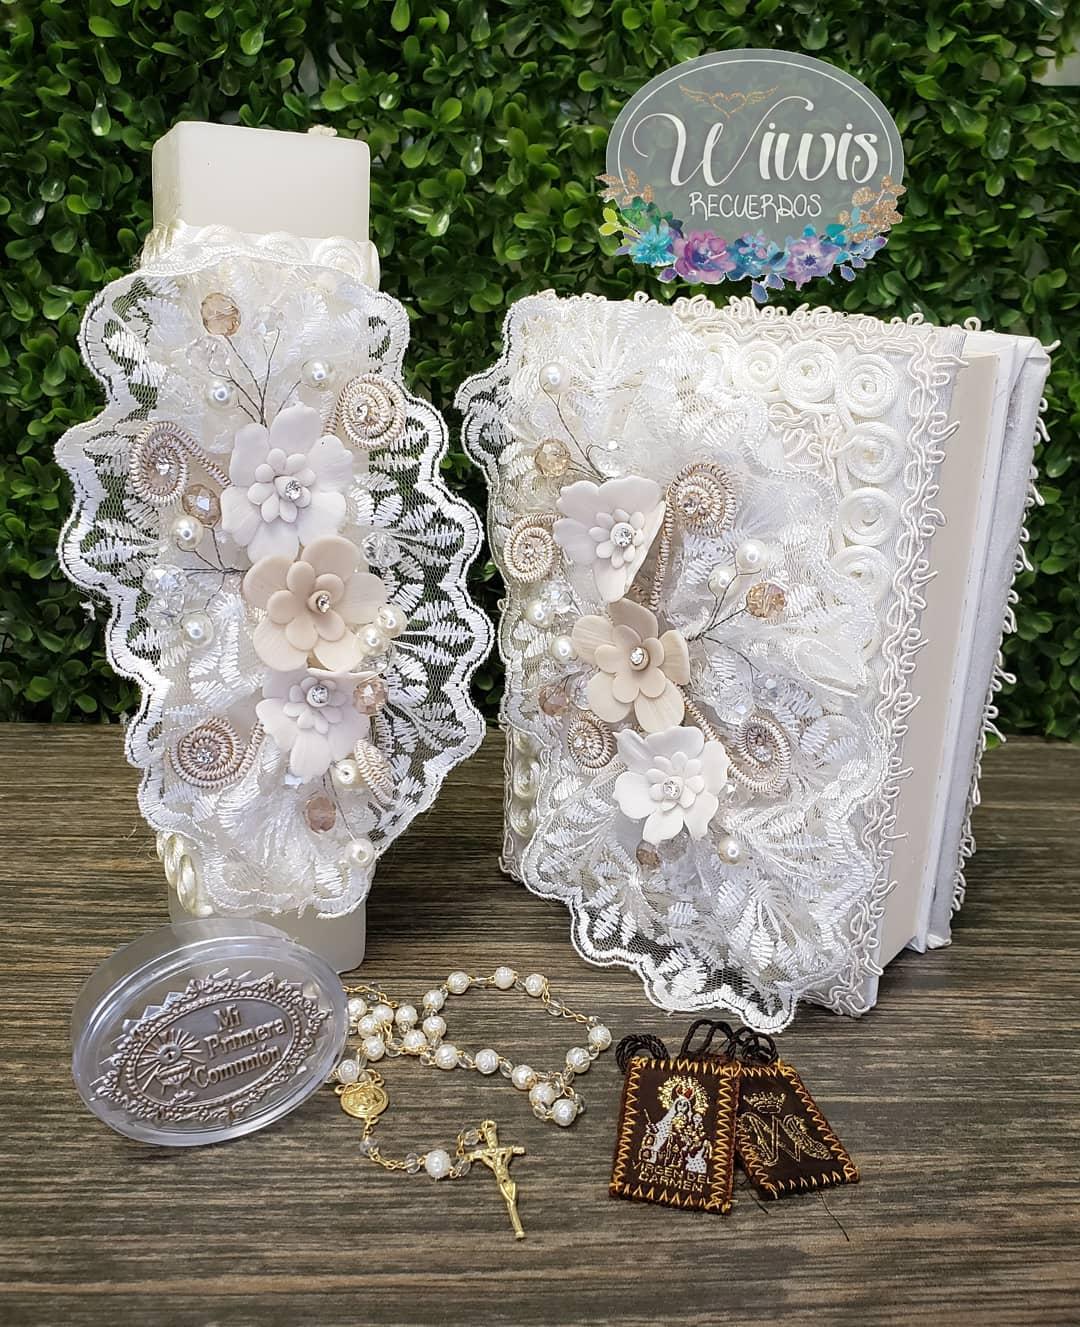 biblias y velas decoradas para primera comunion con cristales